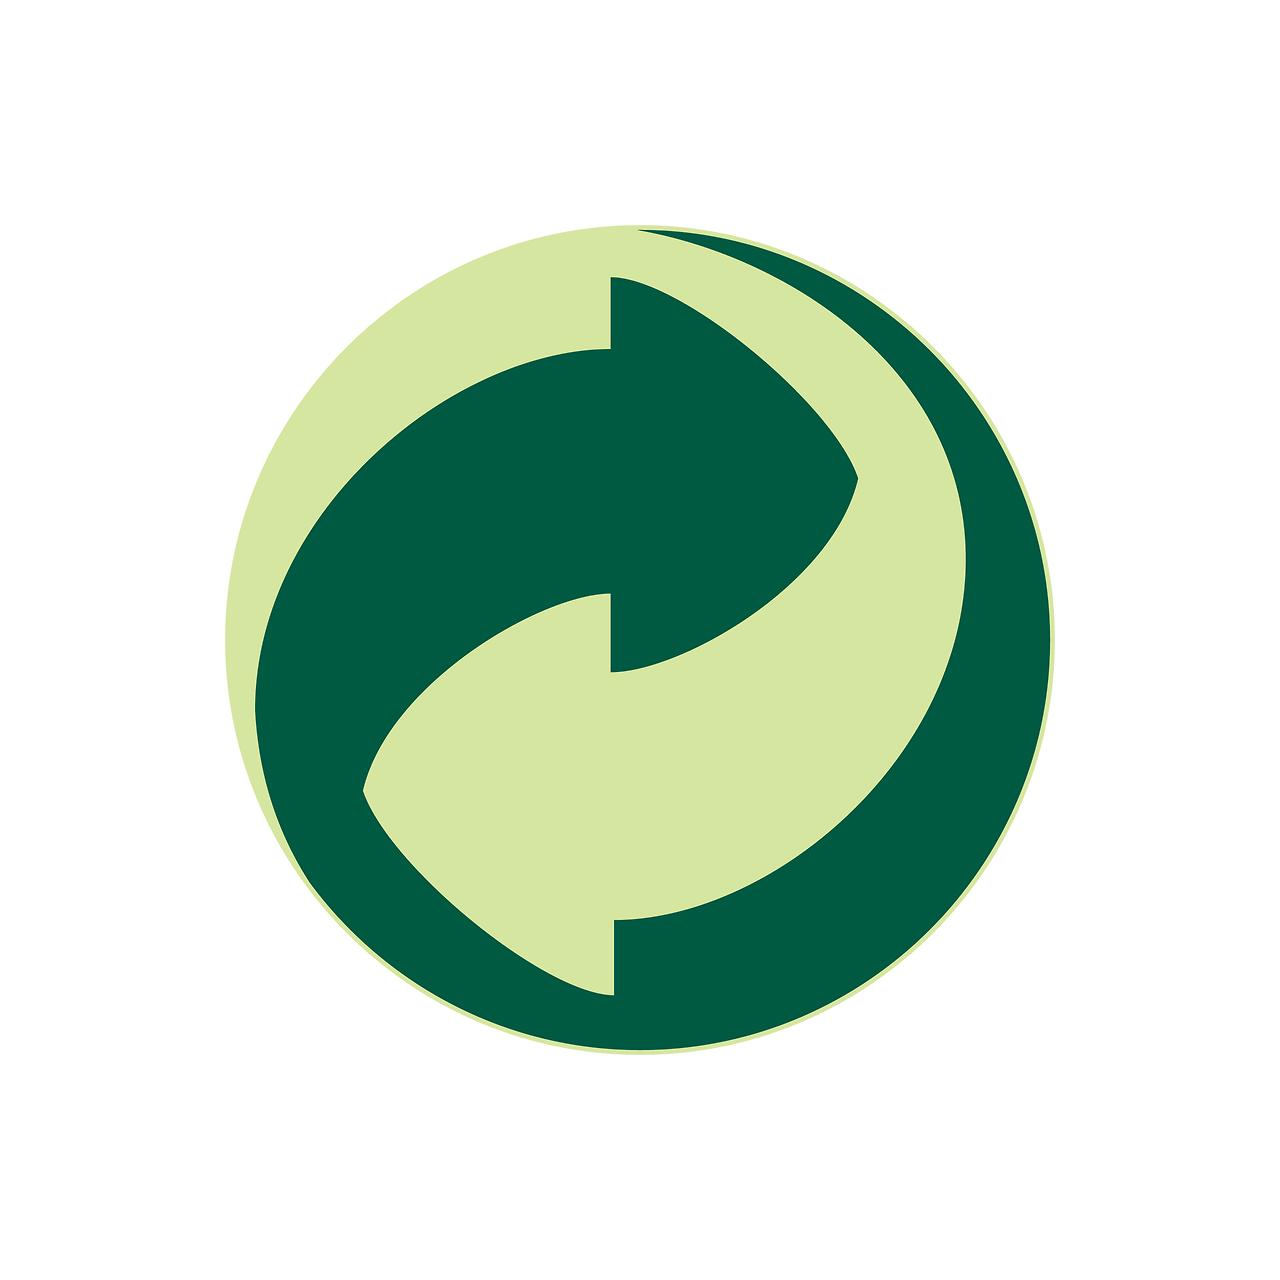 Green Dot Der Grune Punkt Designer Lars Oehlschlaeger Firm Designsign Animal Logo History Logo Natural Logo